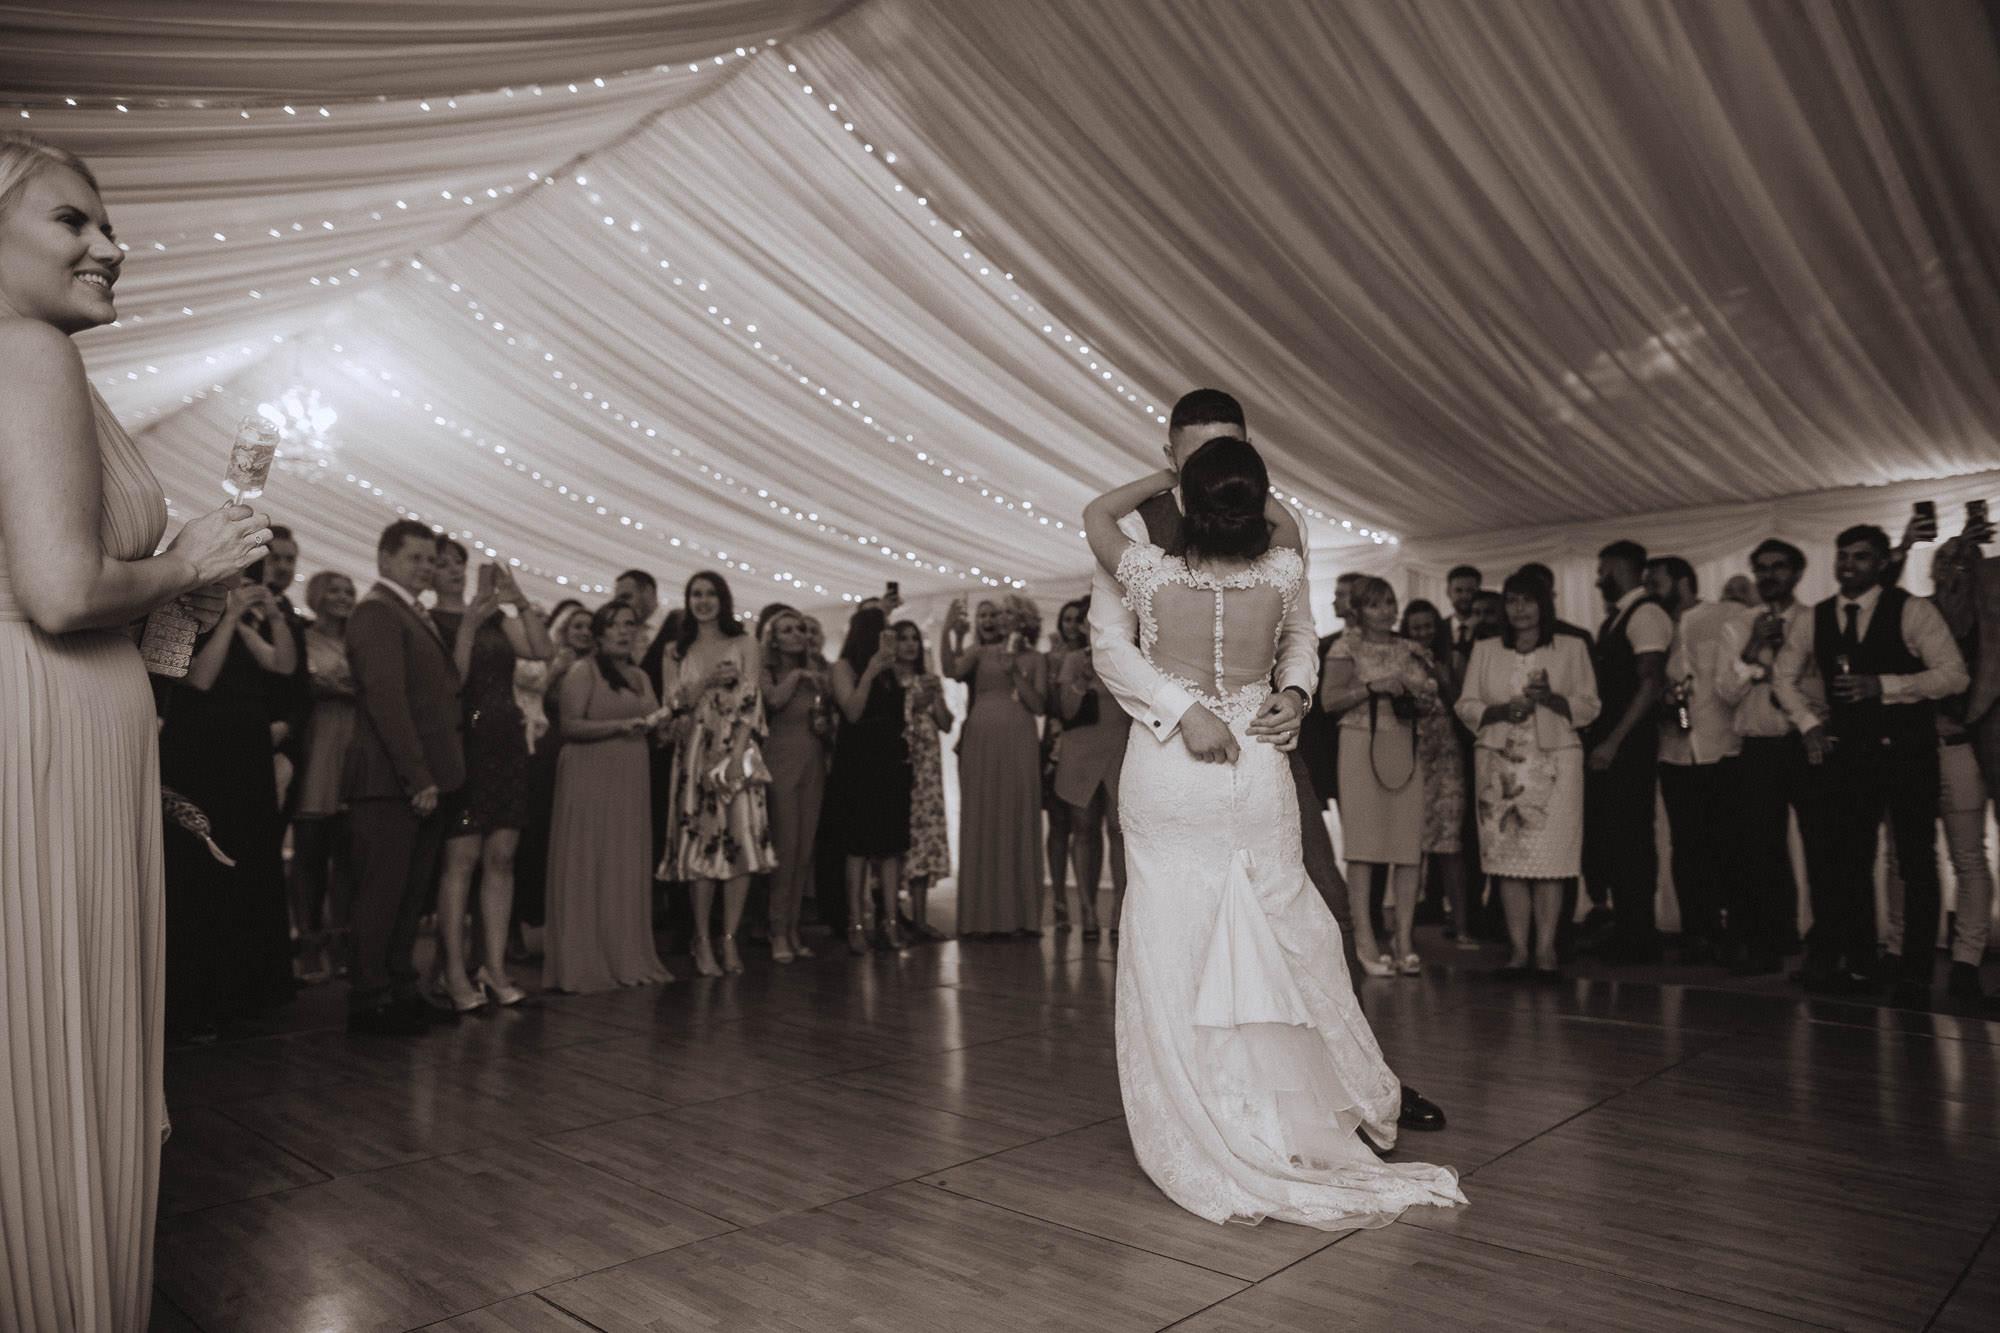 Groombridge-place-wedding-photography-101.jpg